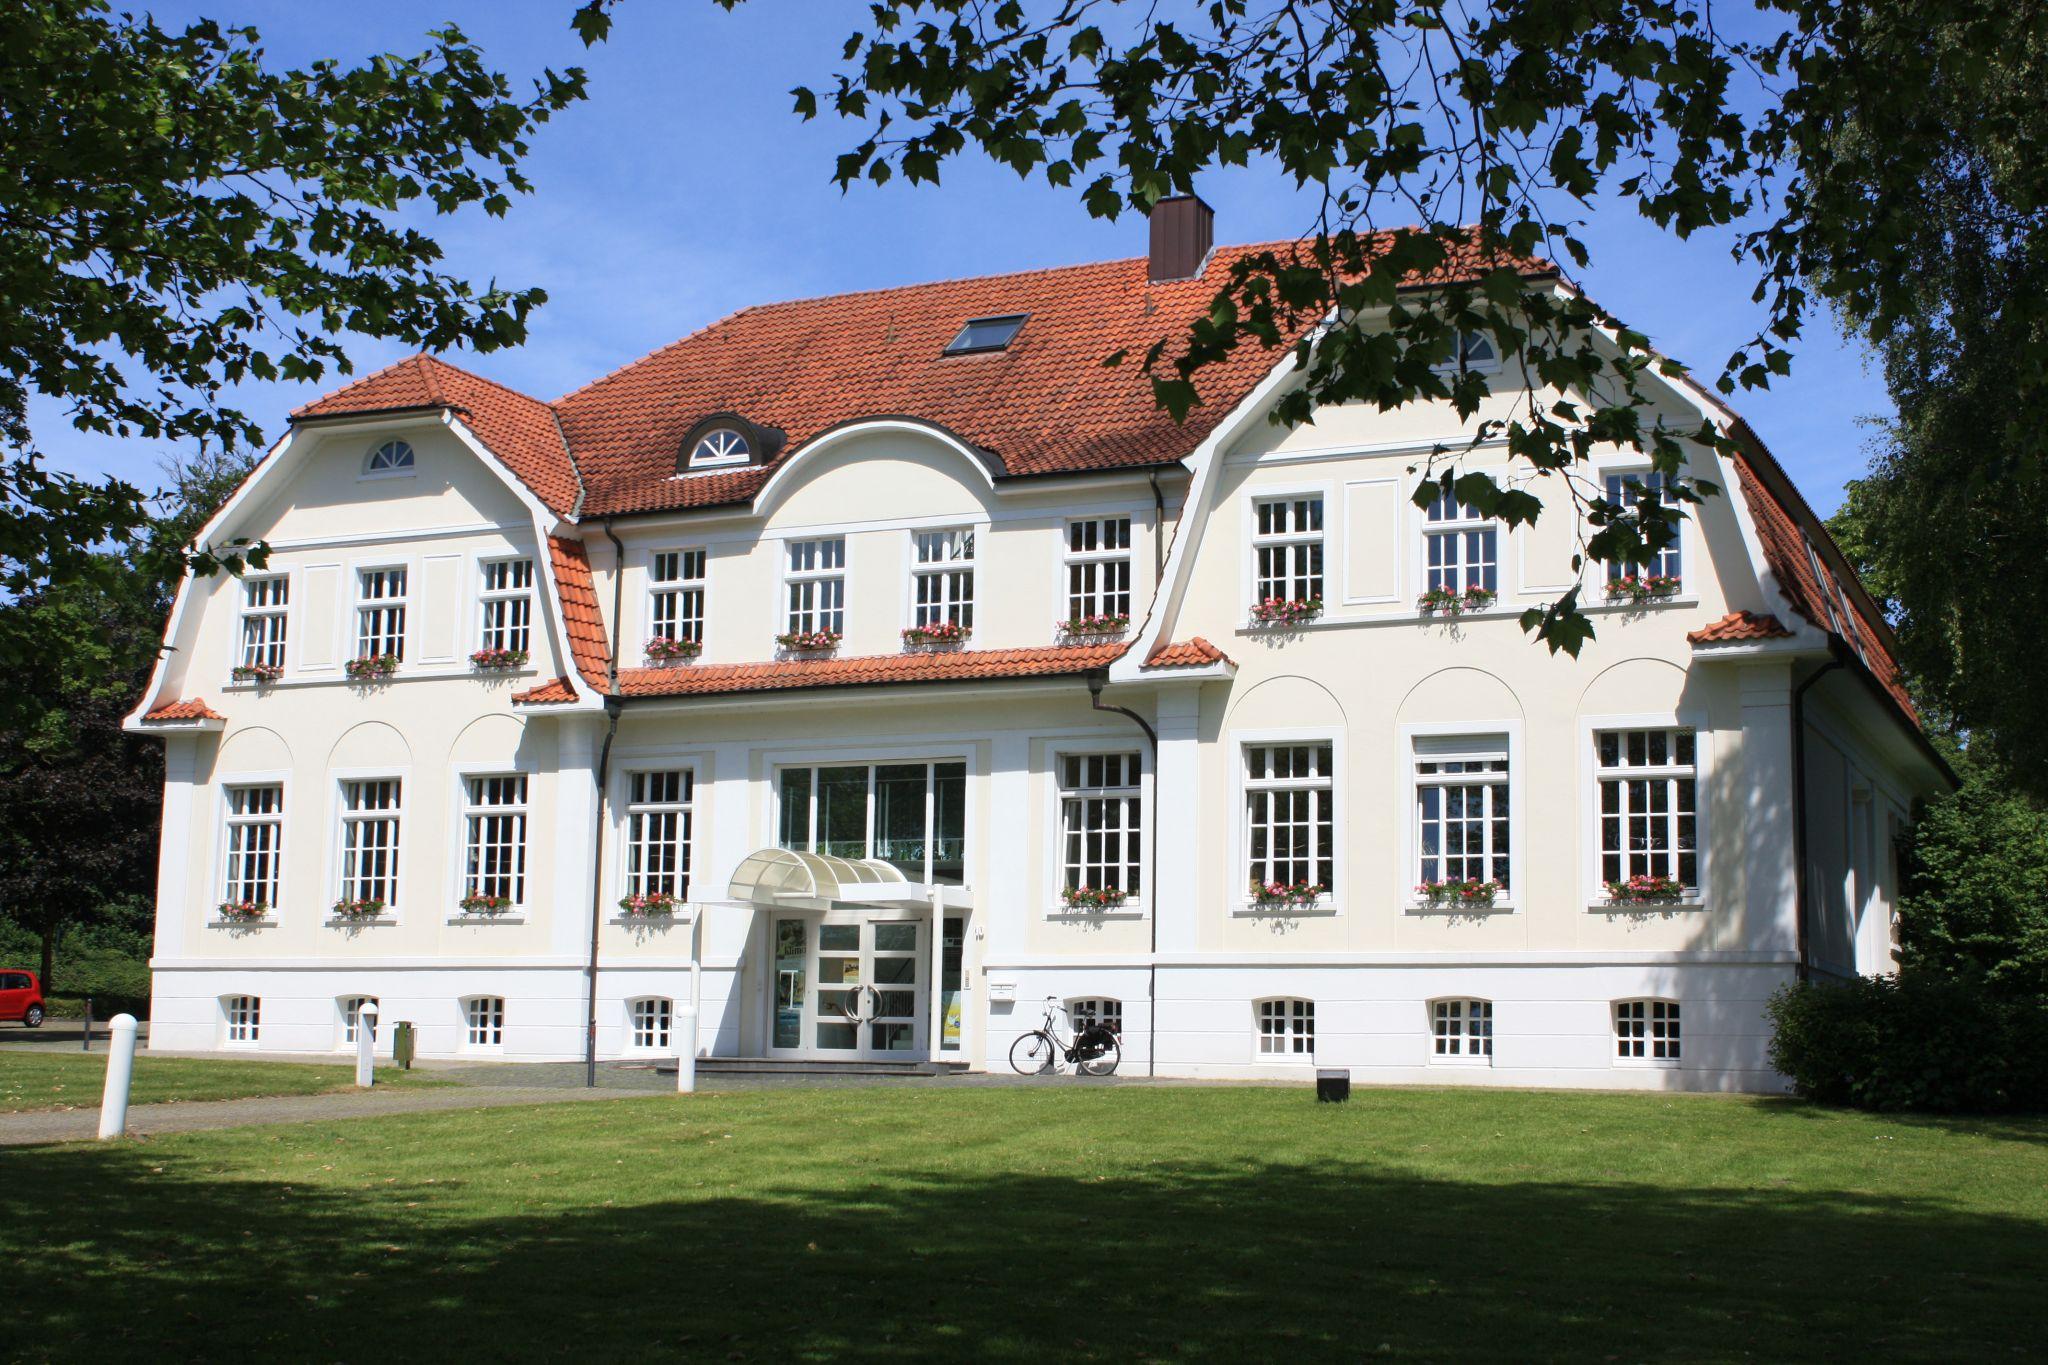 Alte Landwirtschaftsschule Billerbeck, Germany